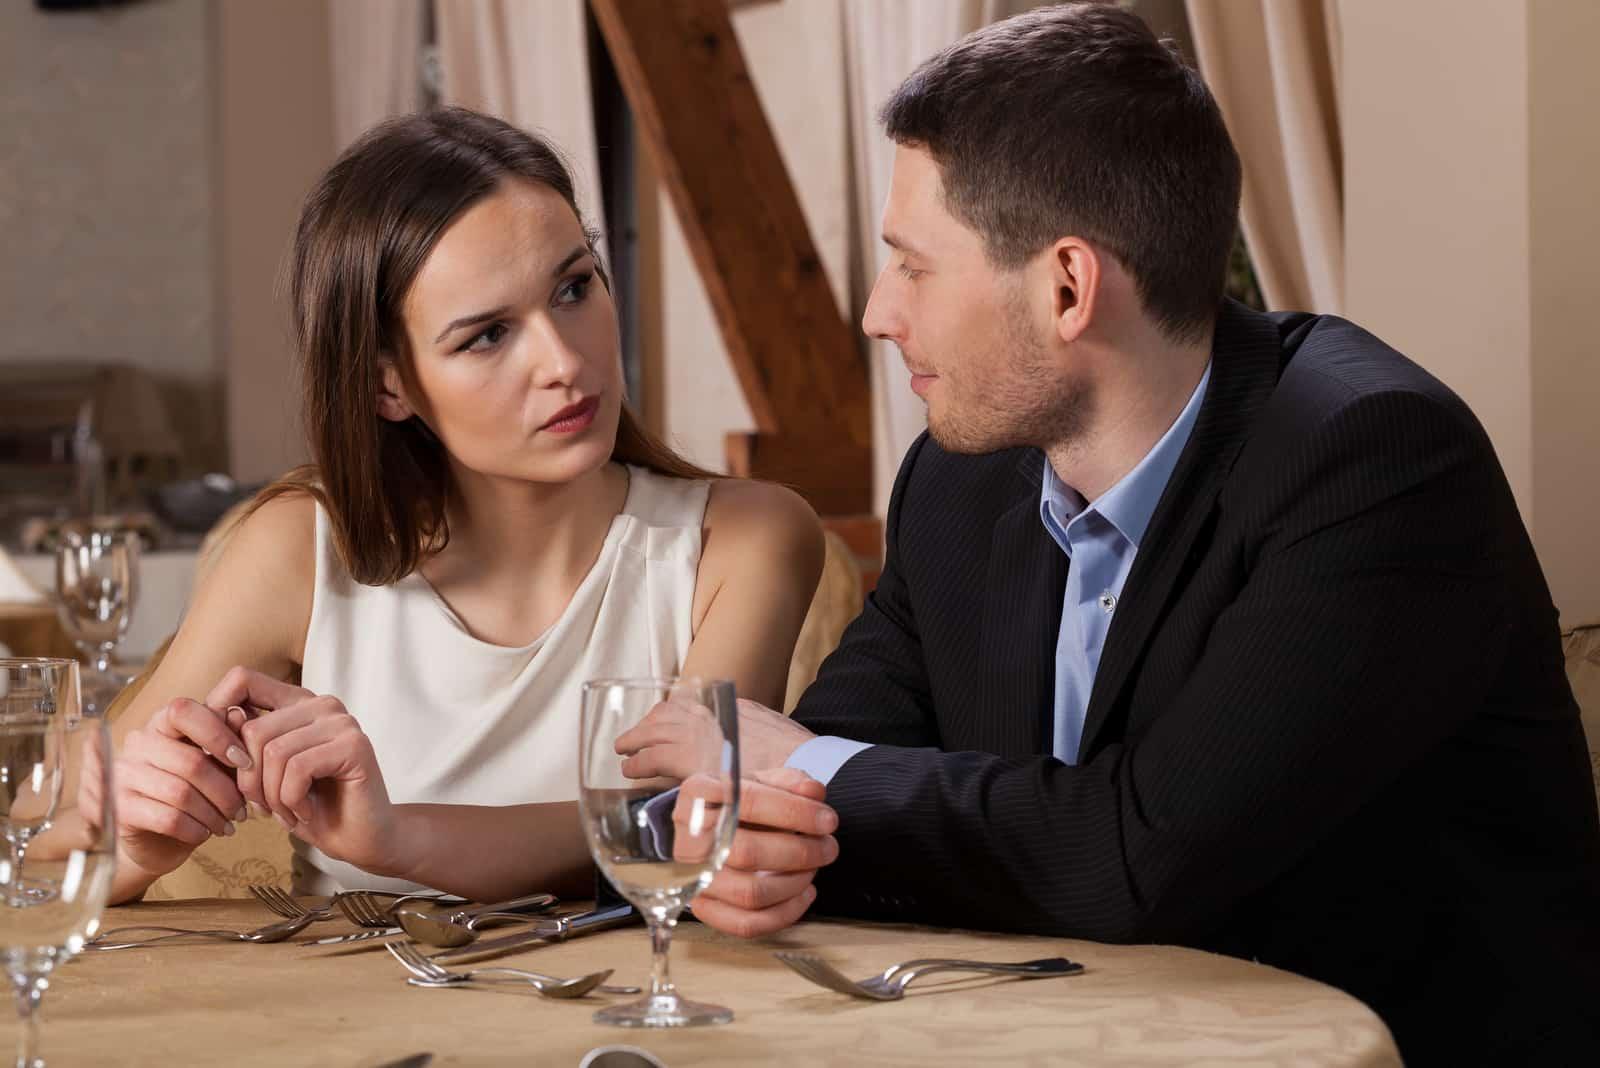 un homme et une femme parlent dans un restaurant